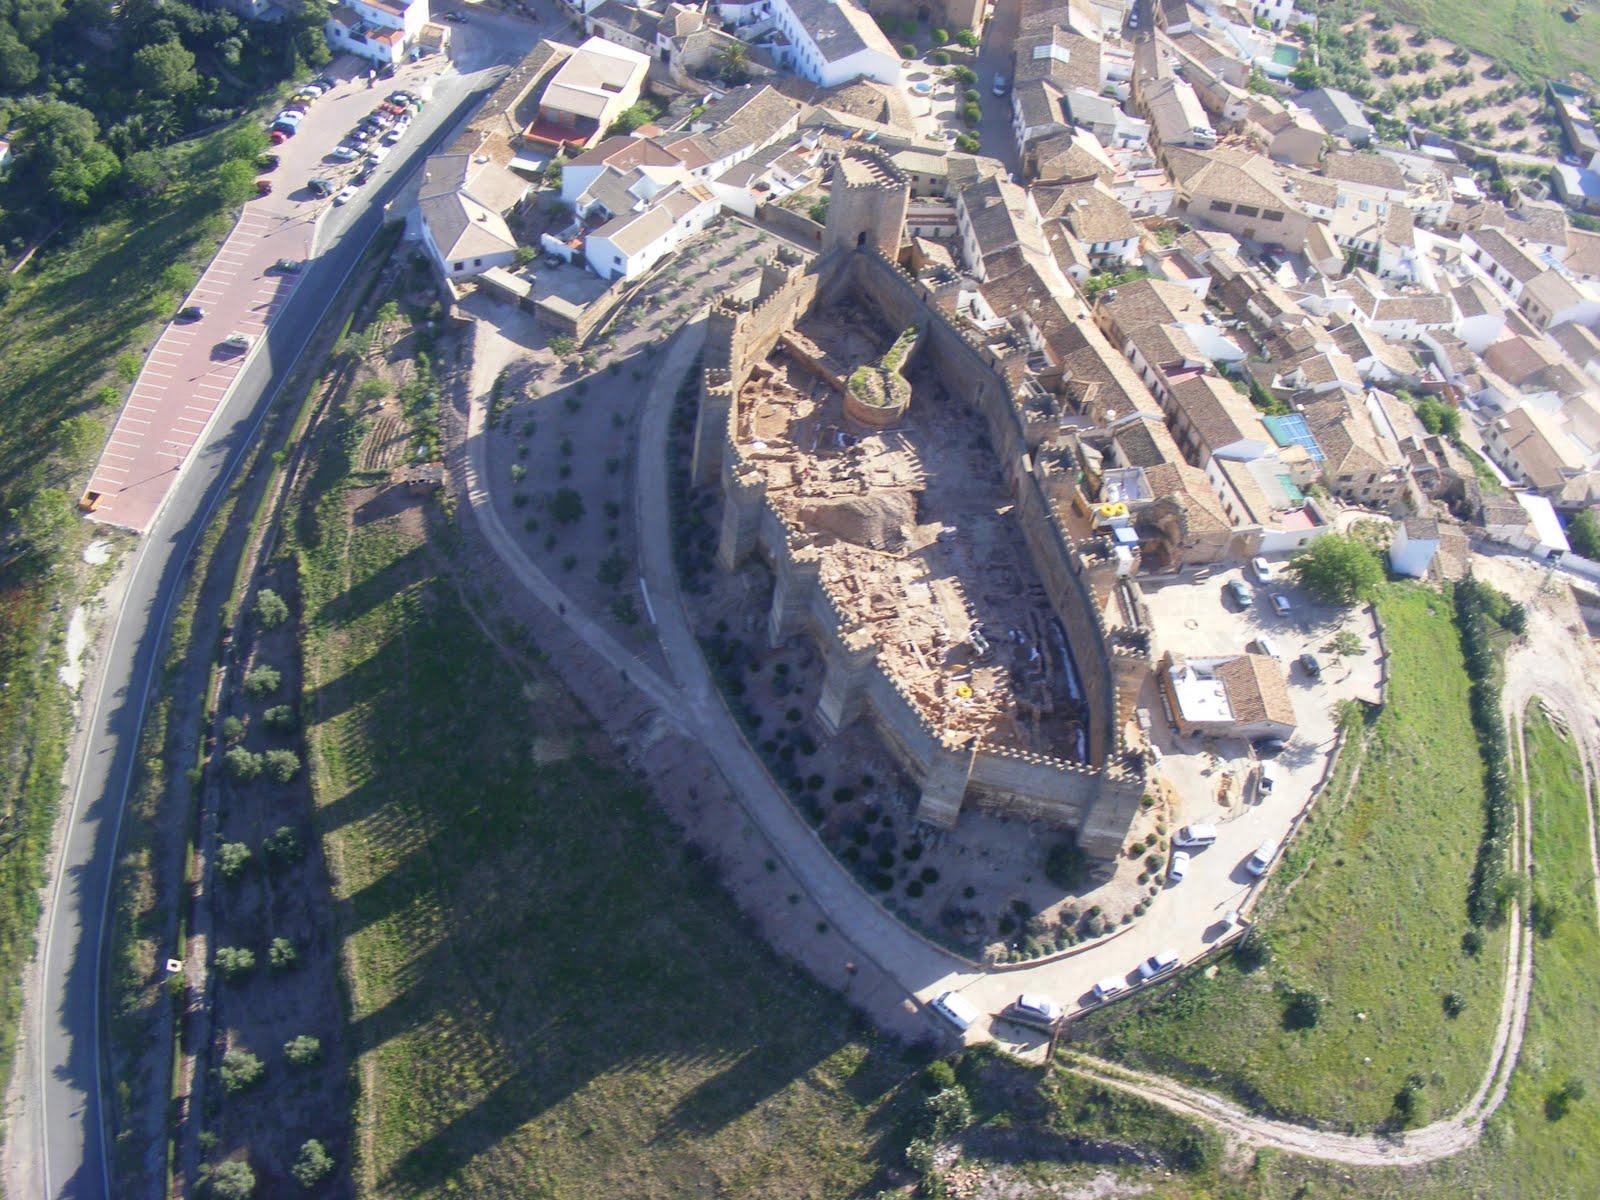 Yacimientos en al andalus castillo de burgalimar ba os de la encina ja n - Castillo de banos de la encina ...